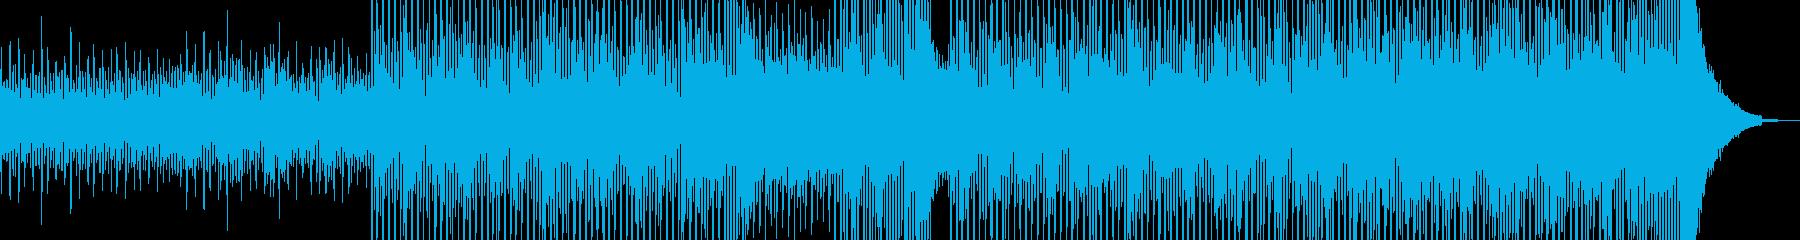 清涼感溢れるヒーリングテクノ Aの再生済みの波形